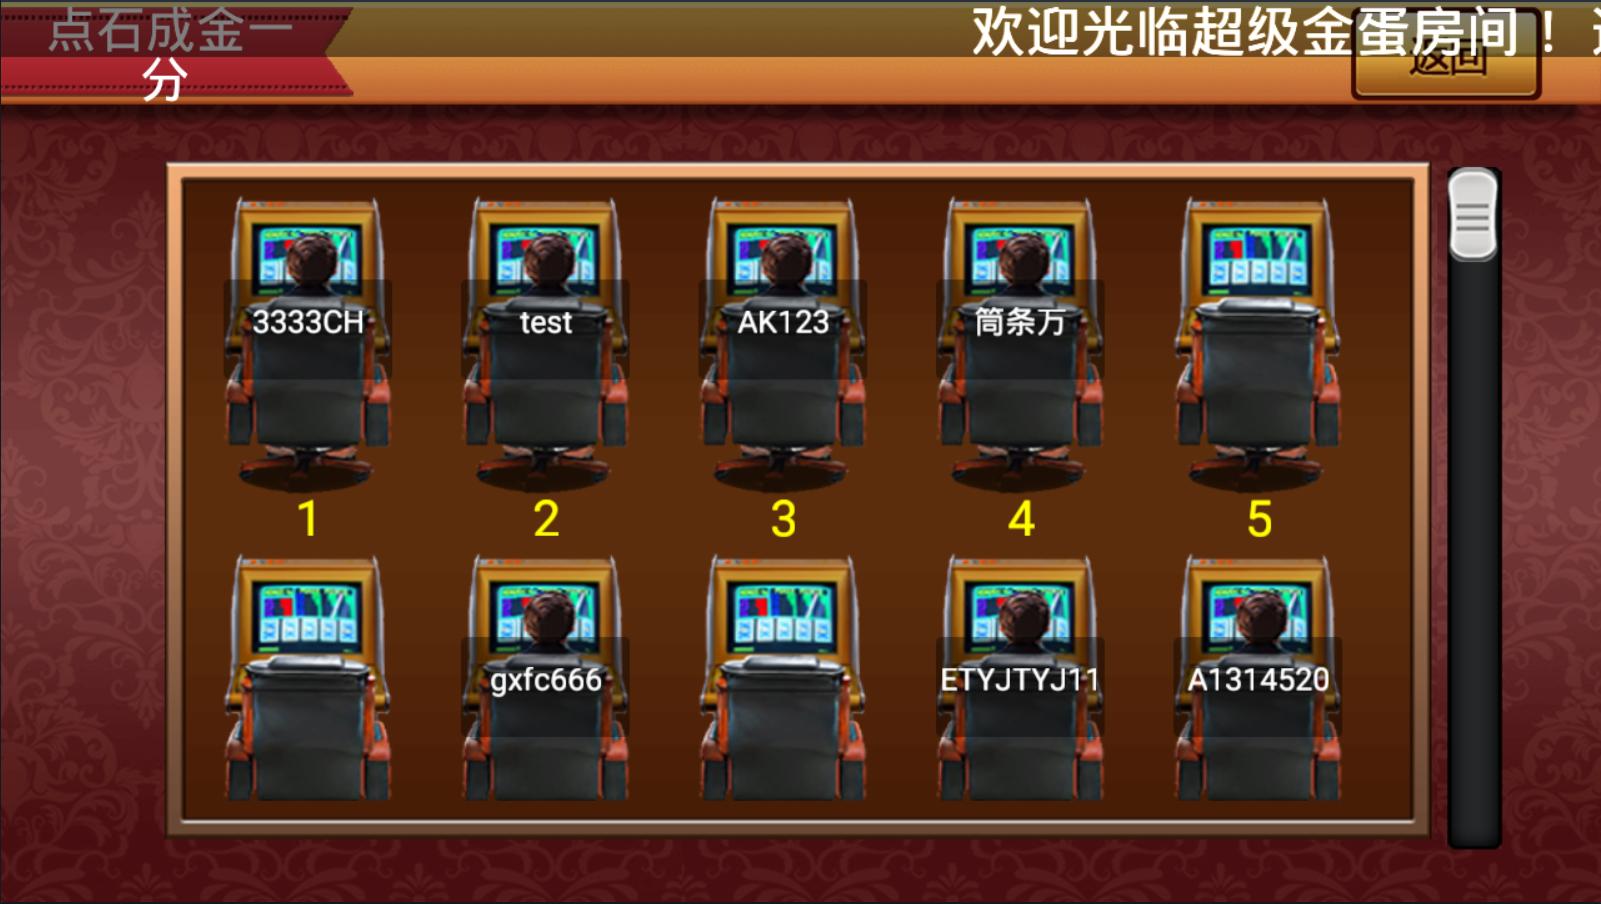 单款ATT翻牌机-JAVA版本运营级-第4张